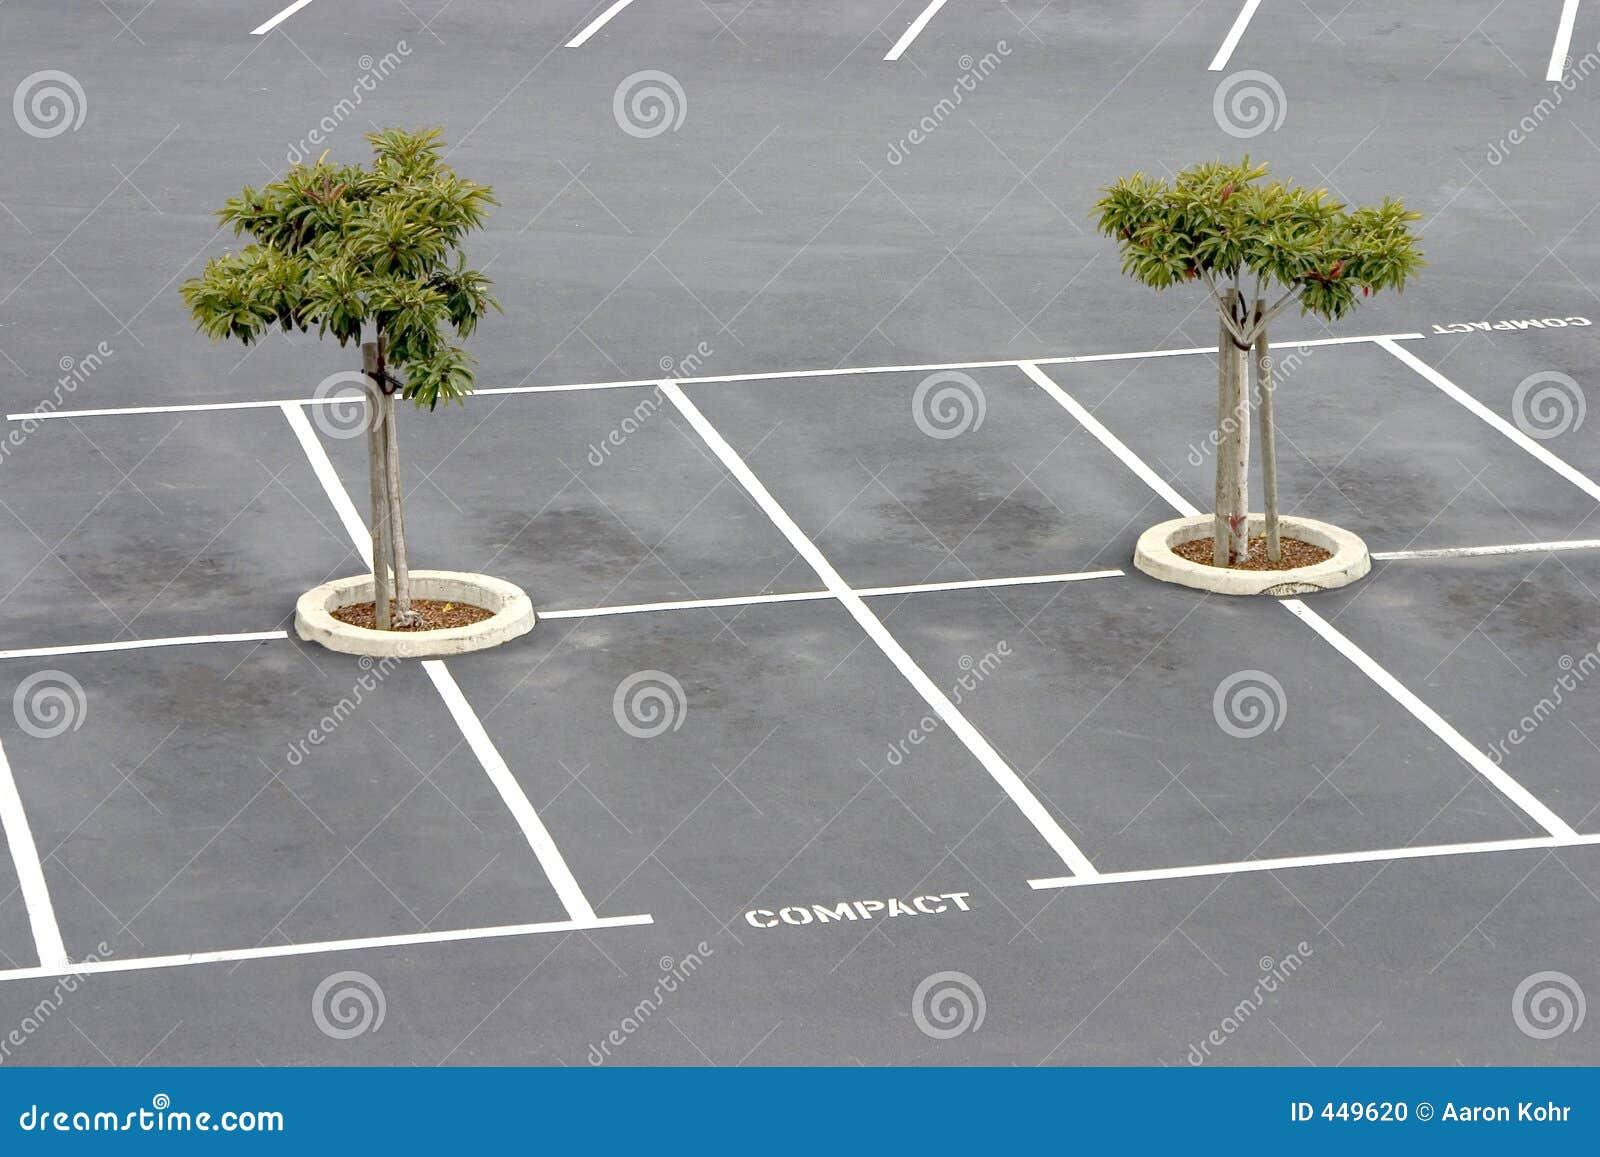 Estacionamiento vacío.